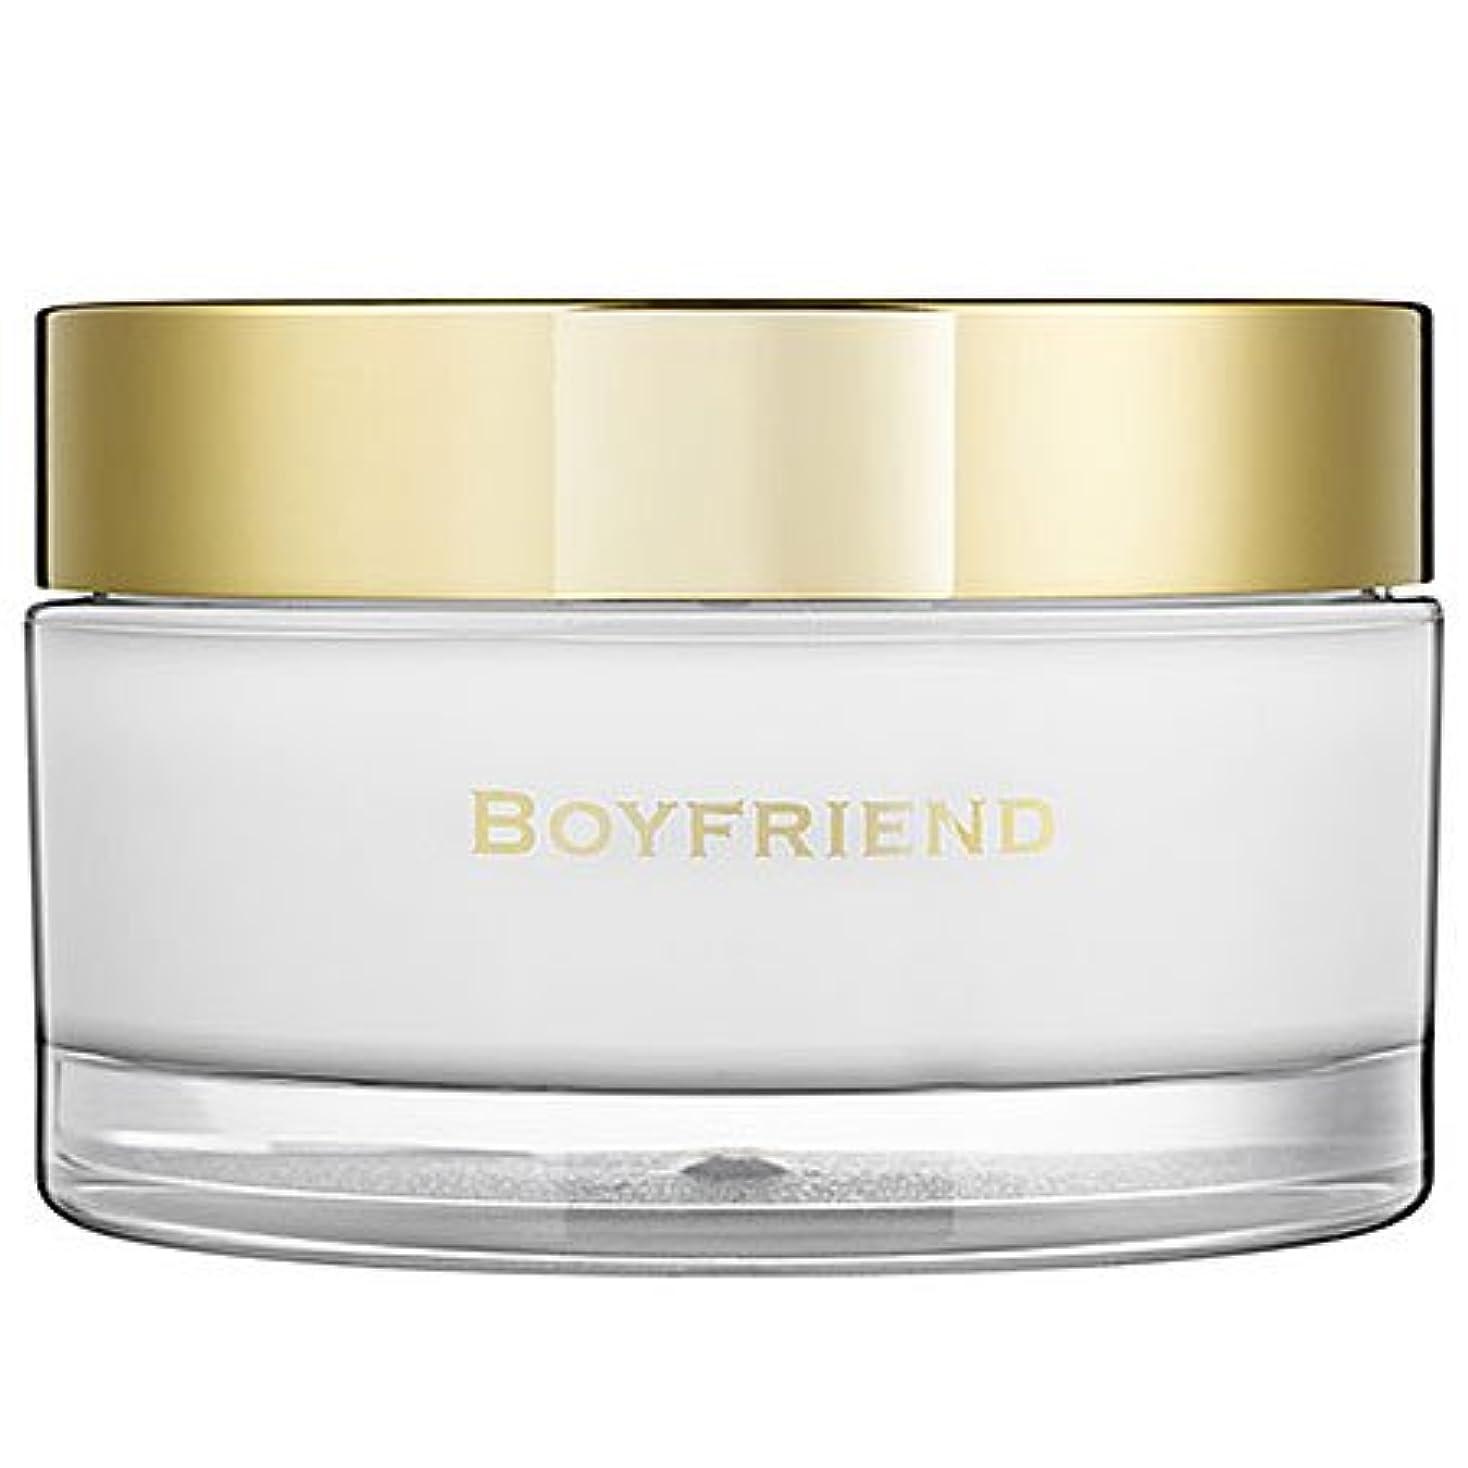 コモランマ入浴分解するBoyfriend (ボーイフレンド) 6.7 oz (200ml) Body Cream by Kate Walsh for Women